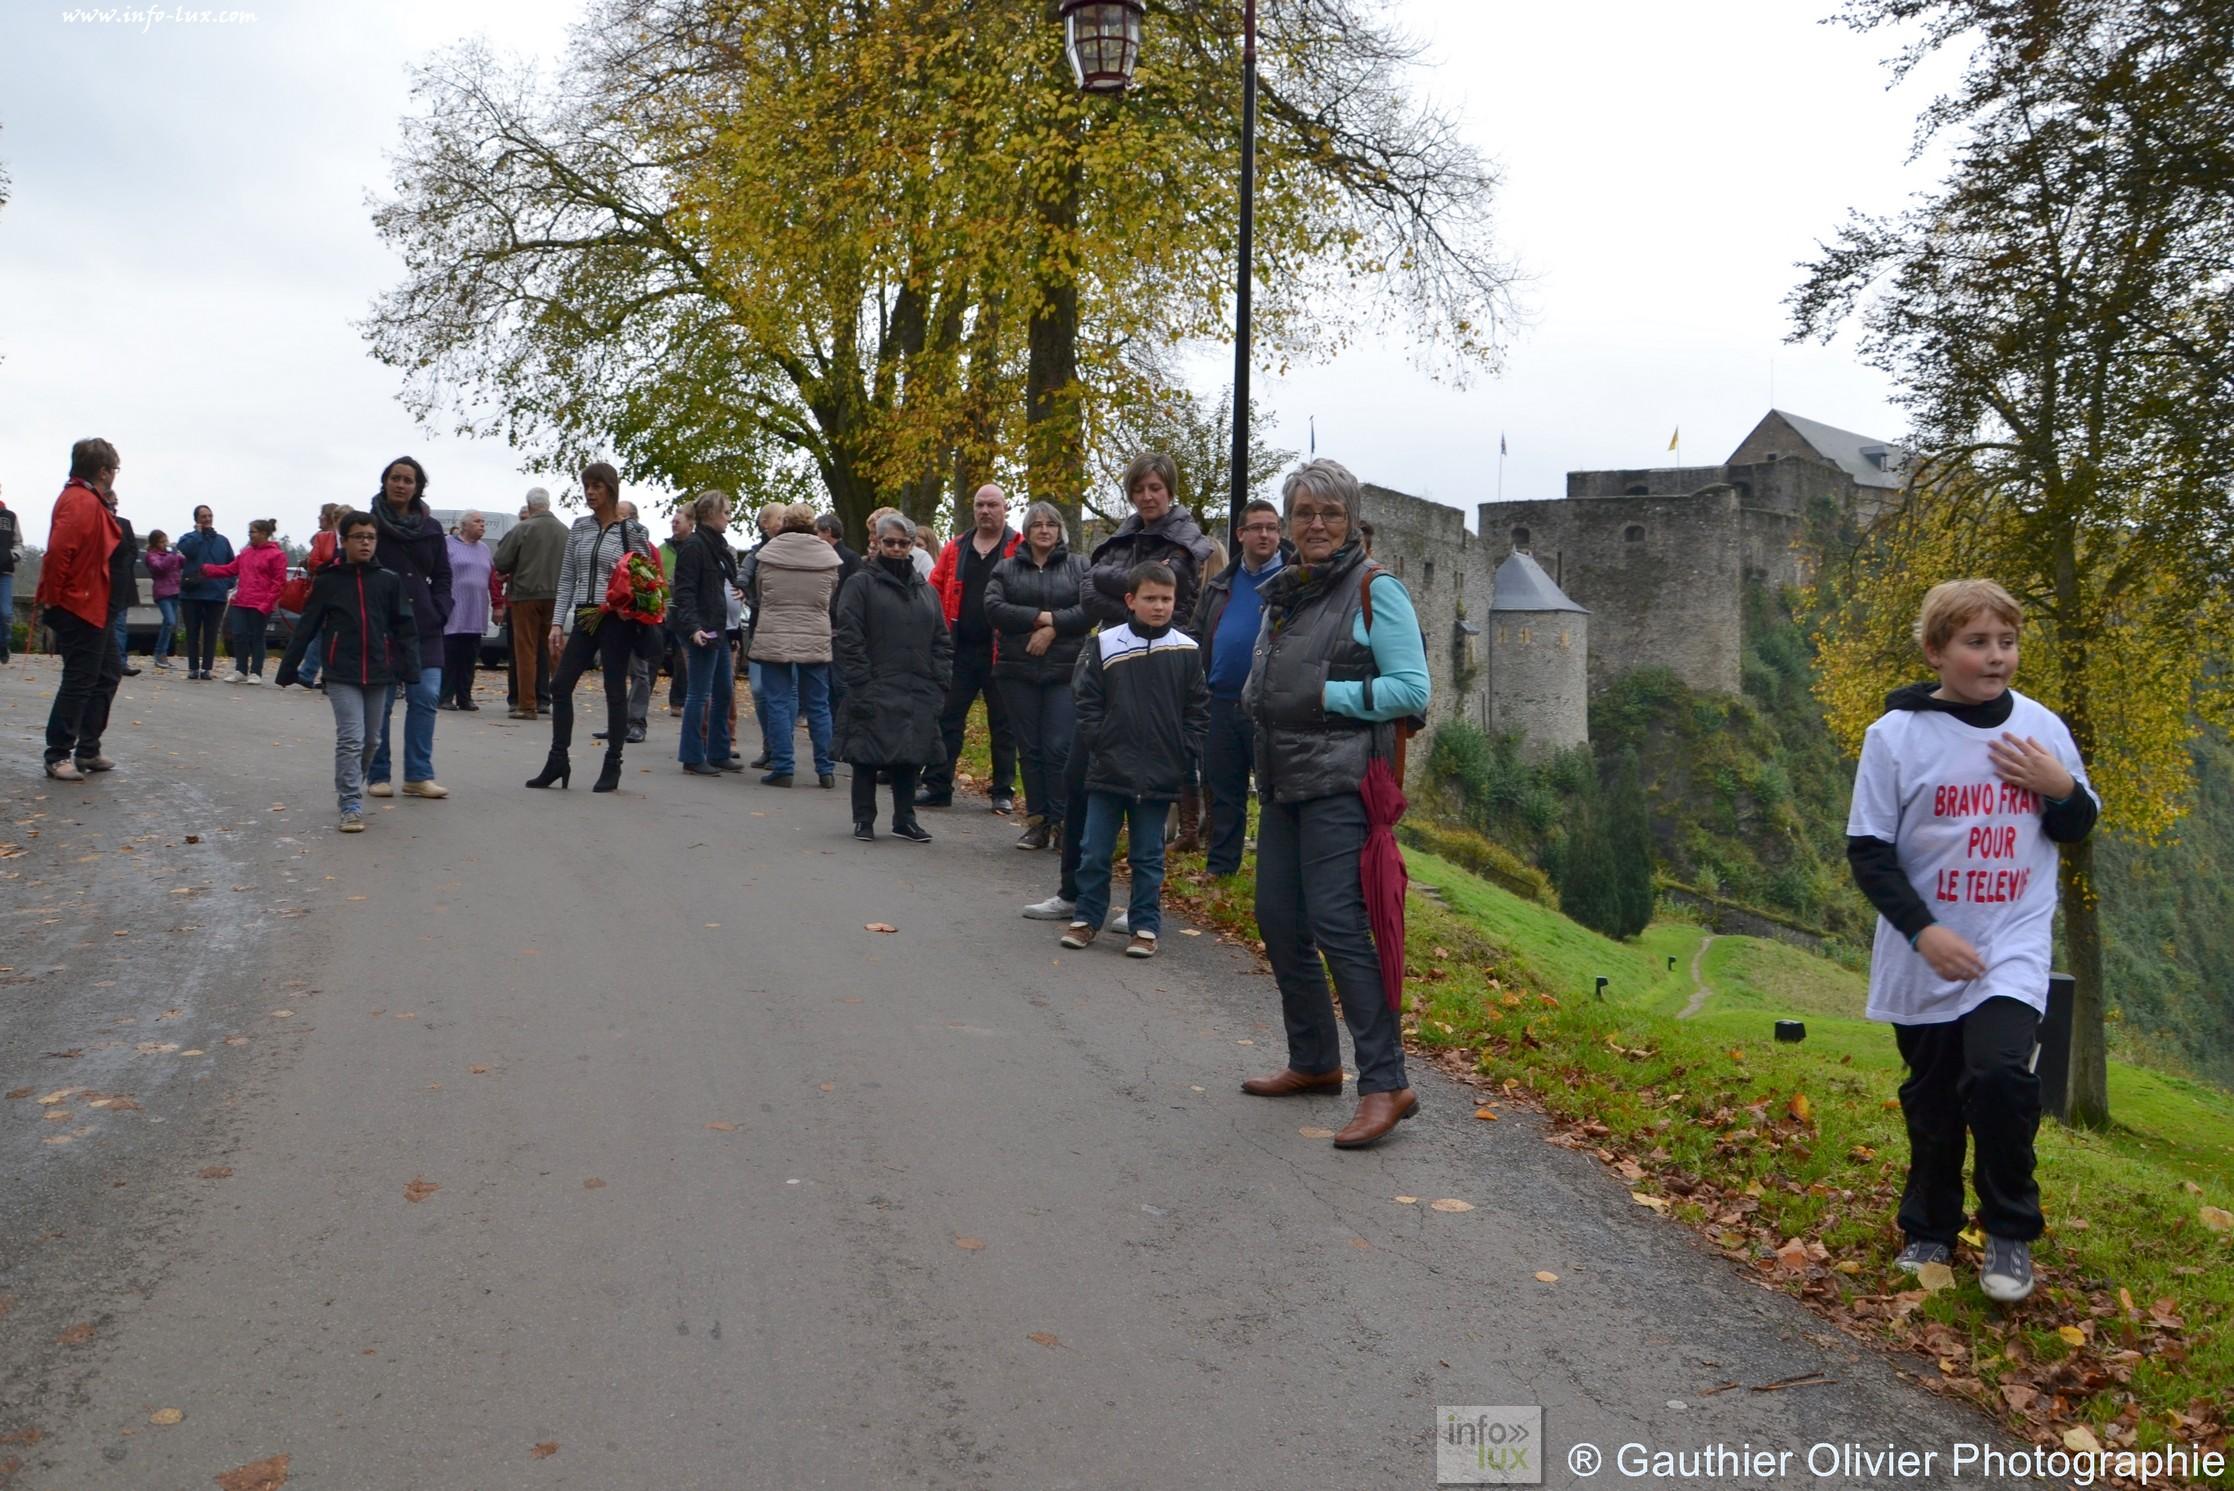 images/stories/PHOTOSREP/Bouillon/parcoure/Frank76